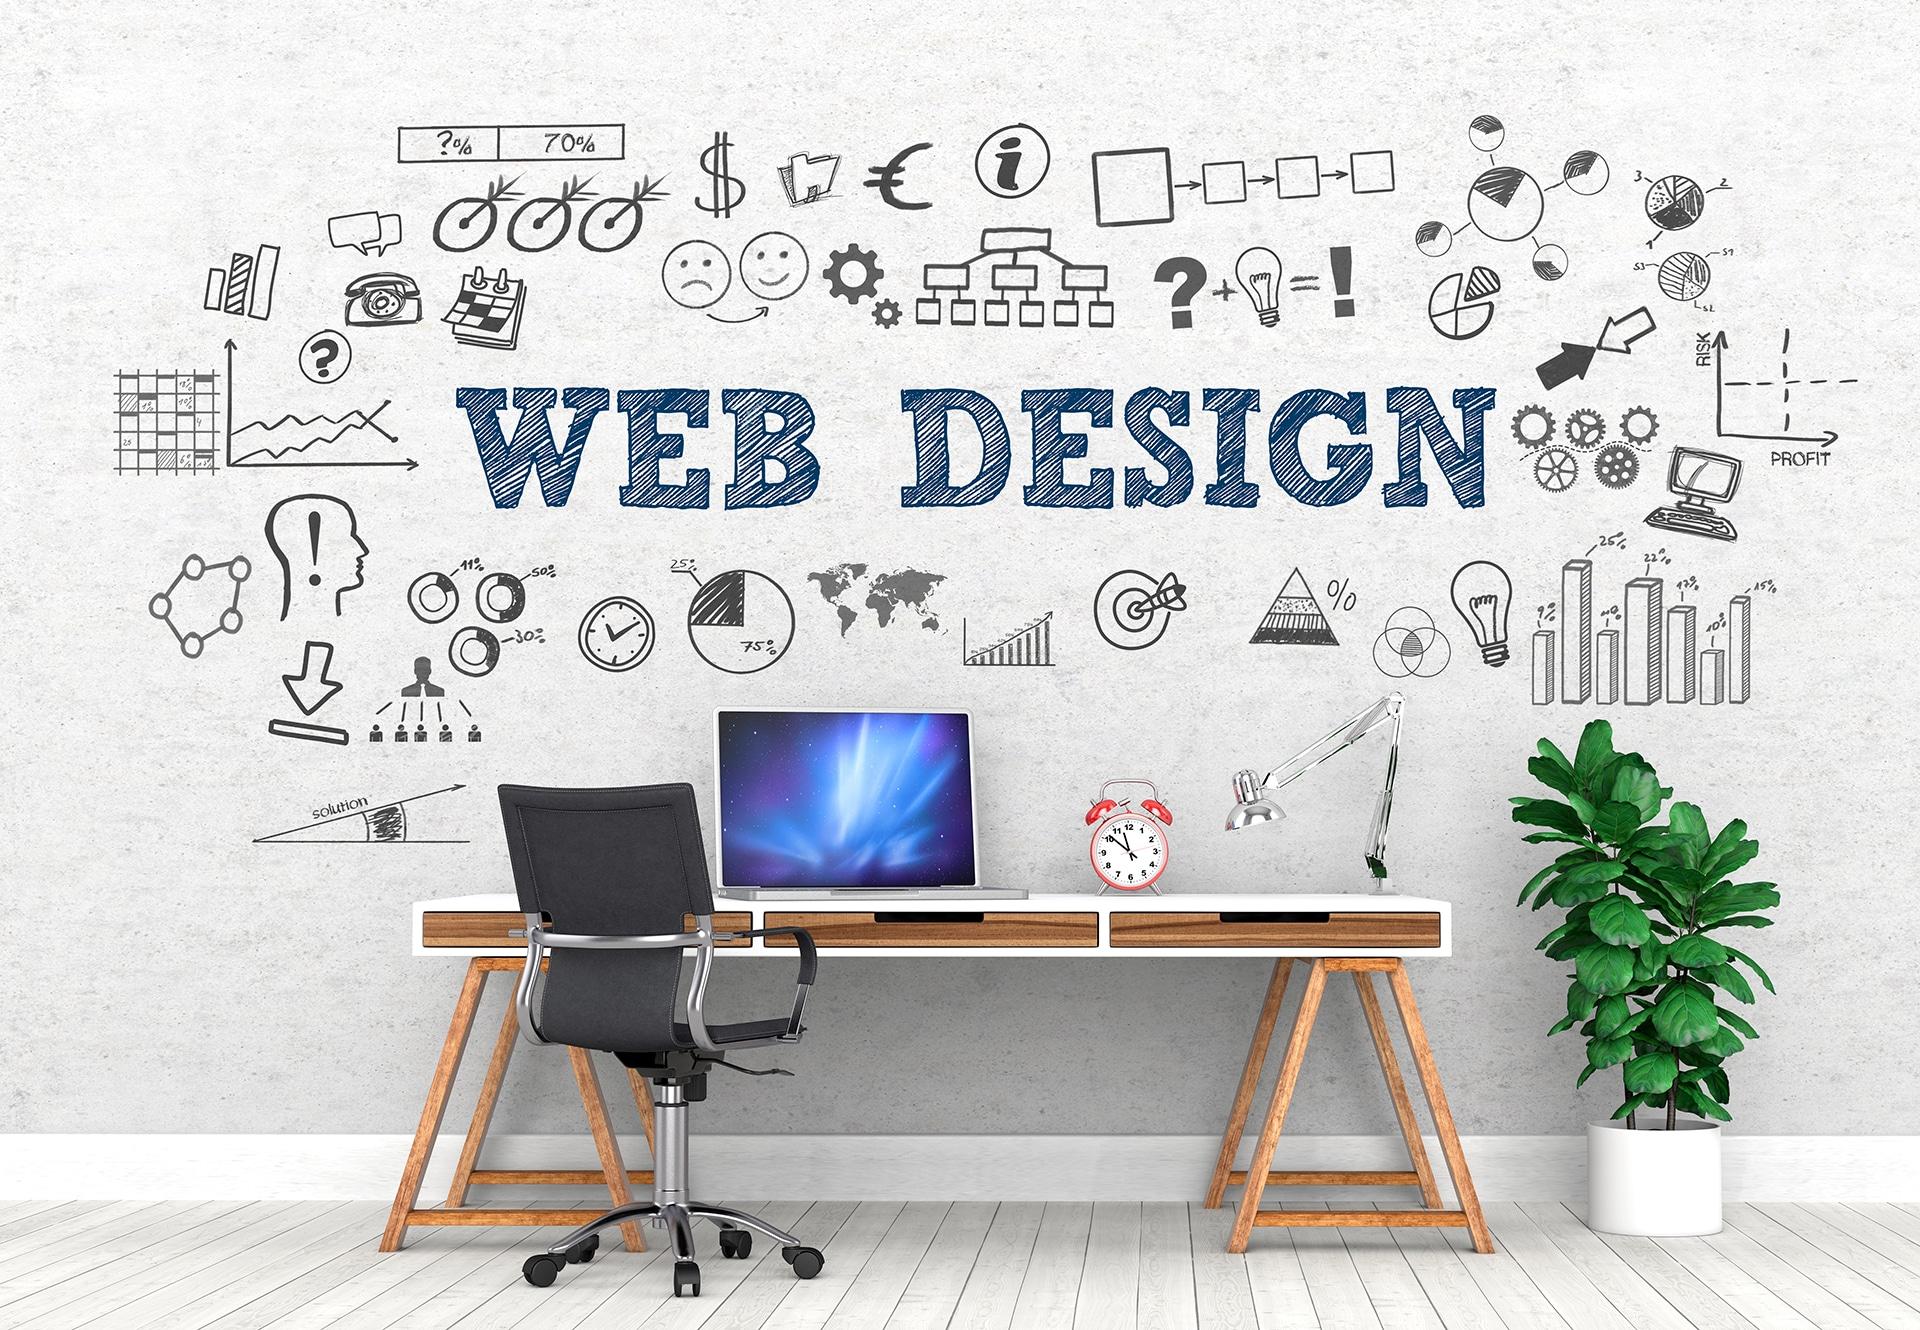 Mejora la posición seo de una página web con su diseño